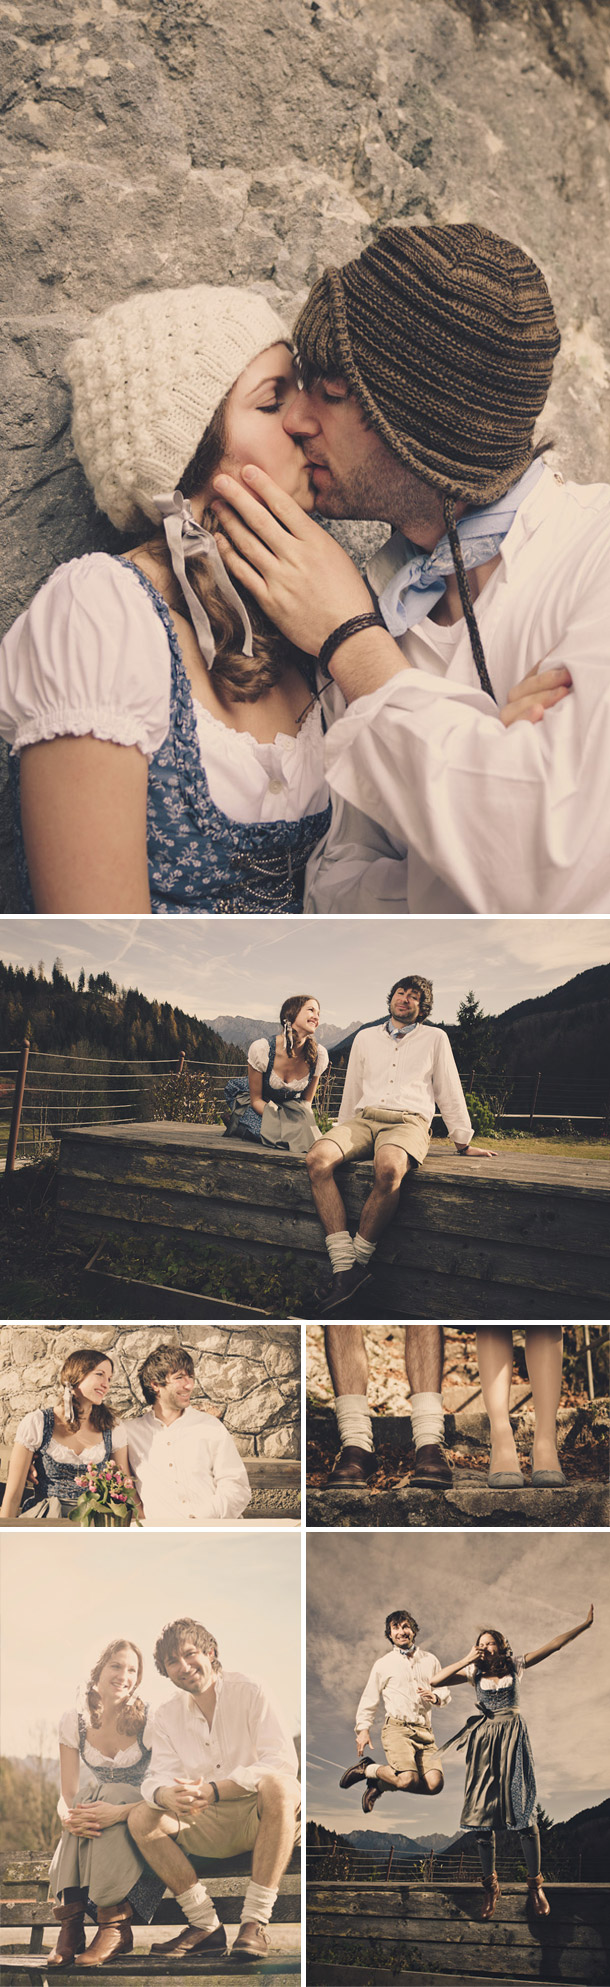 Beatrice und Johann's Verlobung bei frankdaniels photography